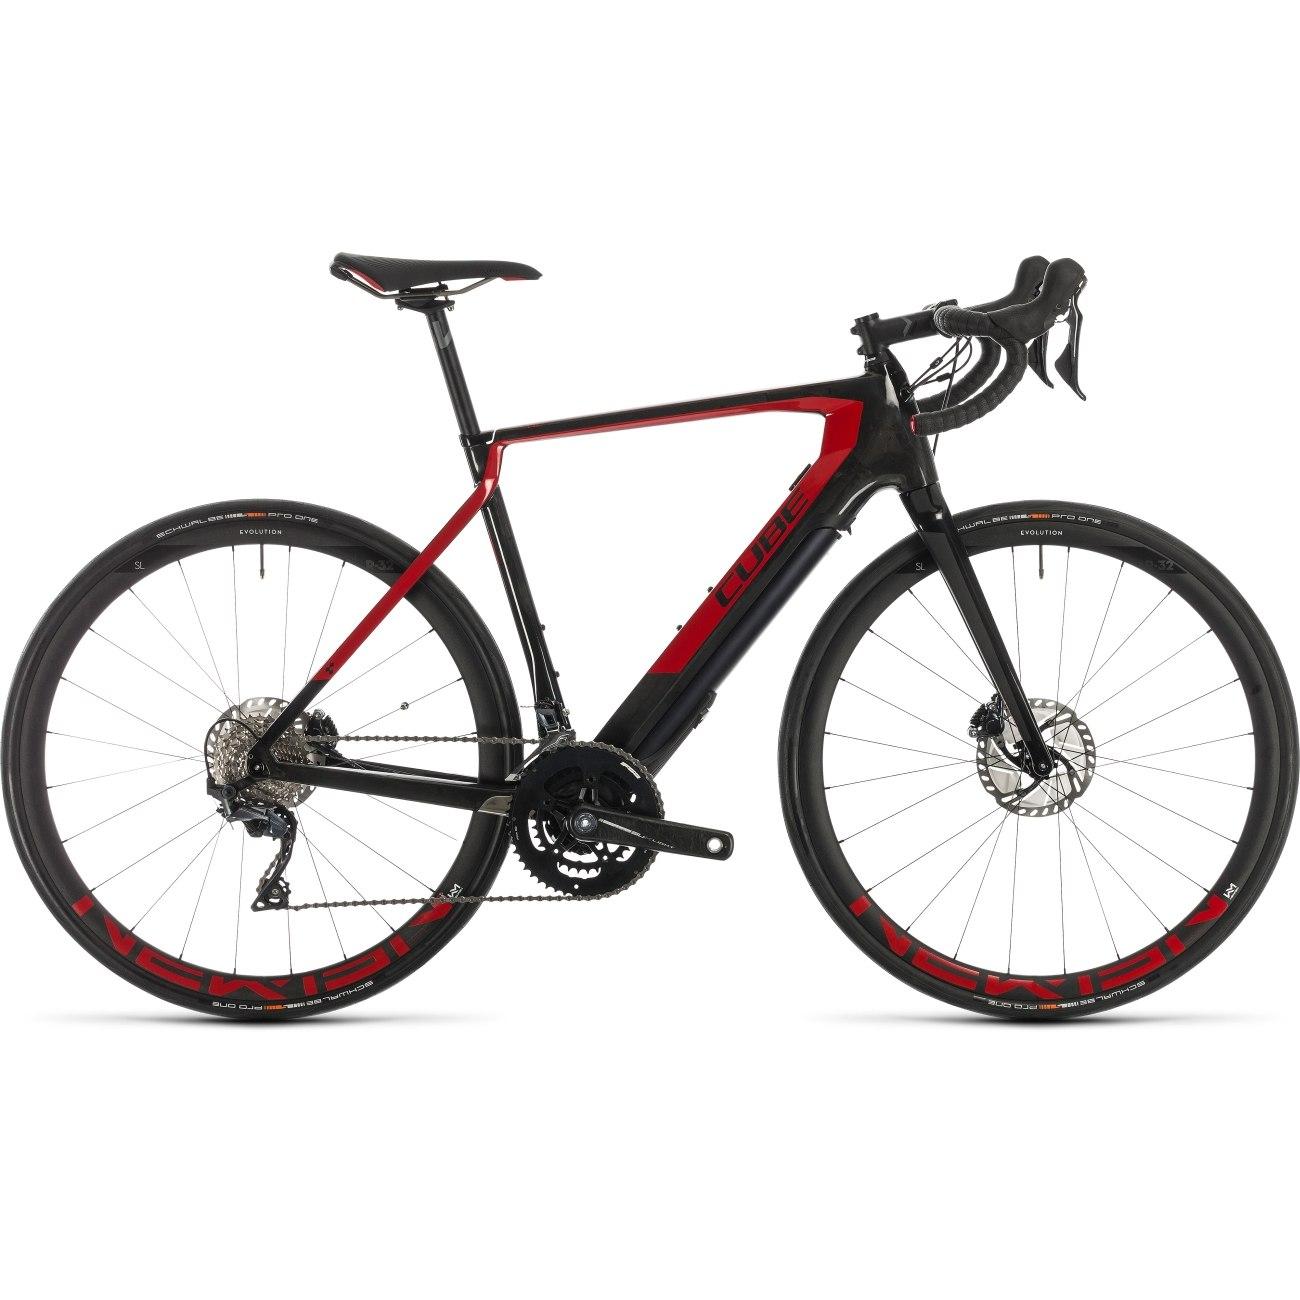 Produktbild von CUBE AGREE HYBRID C:62 SL - Carbon Rennrad E-Bike - 2020 - carbon/red